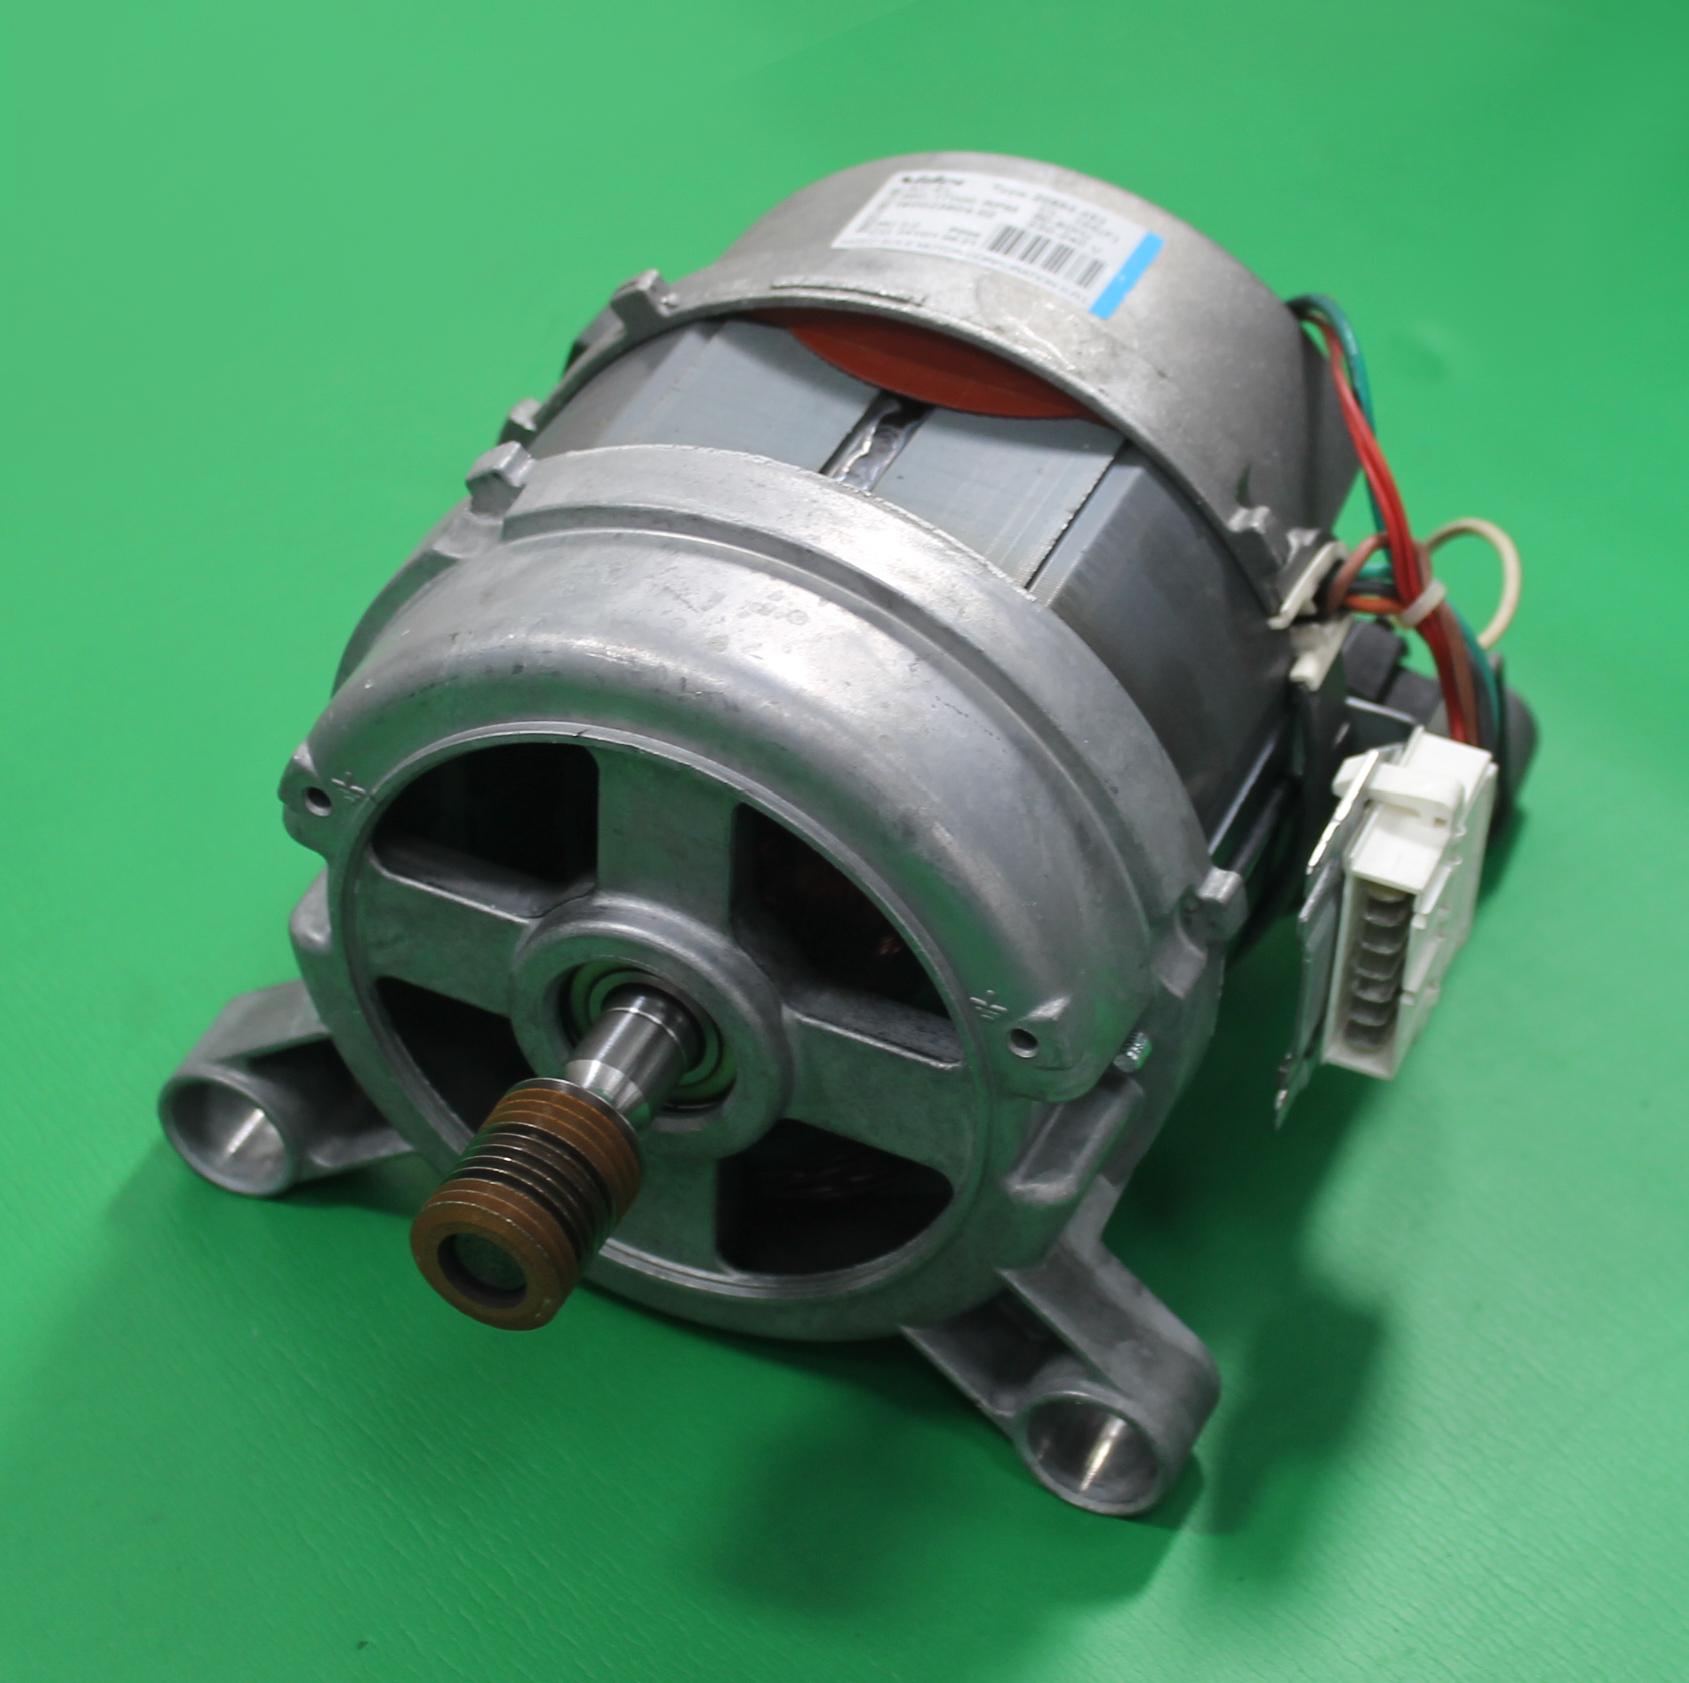 Hotpoint Wdl540 Washer Dryer Motor Nidec